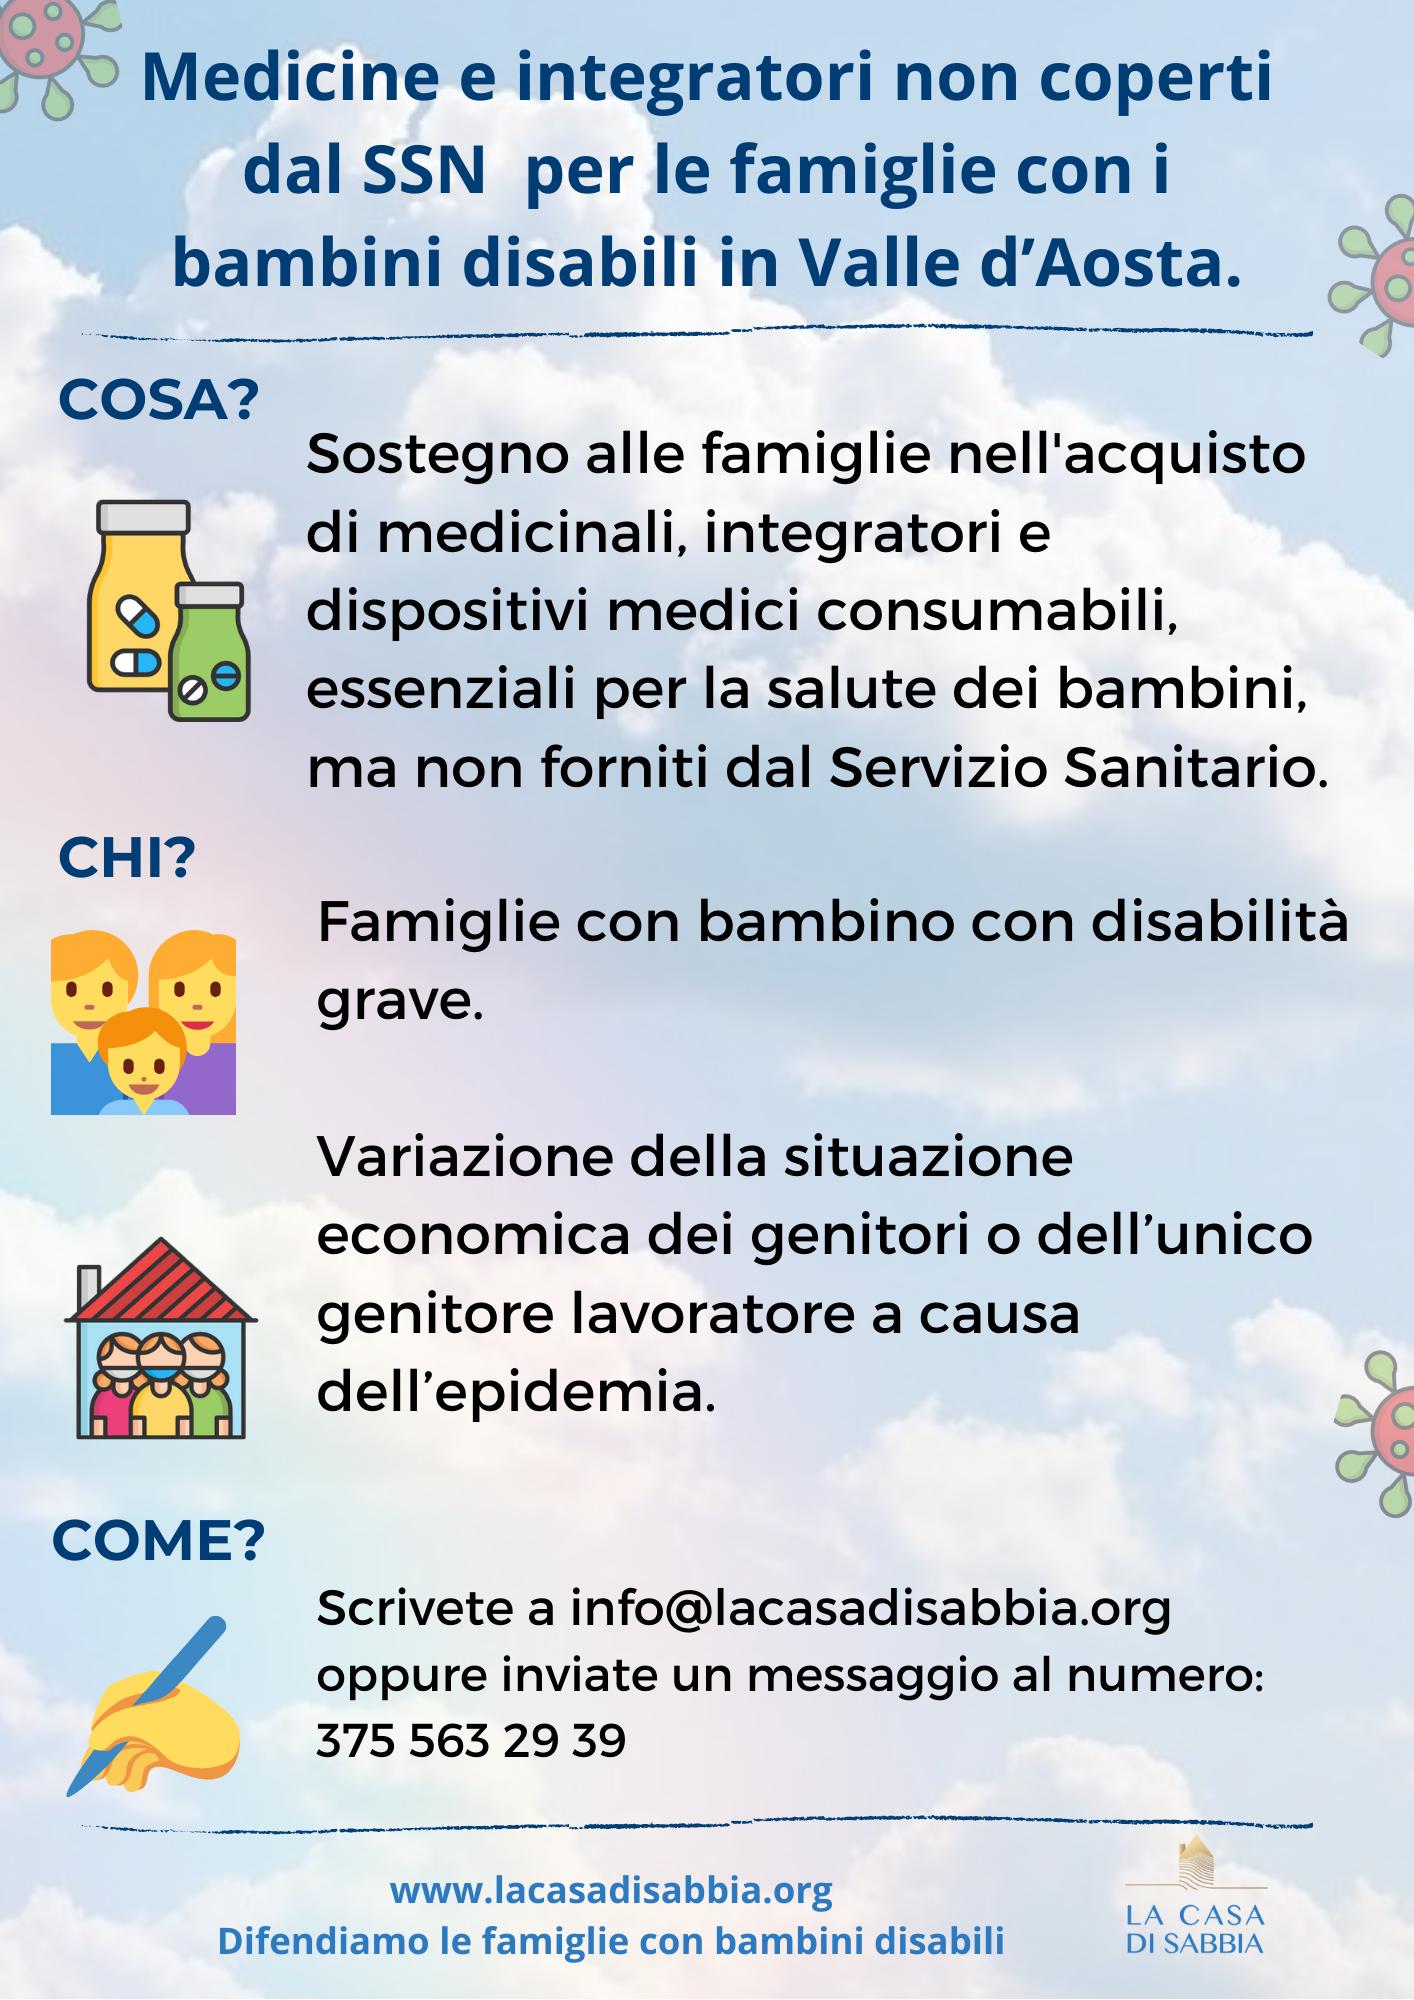 Medicine e integratori non coperti dal SSN per le famiglie con i figli disabili in Valle d'Aosta